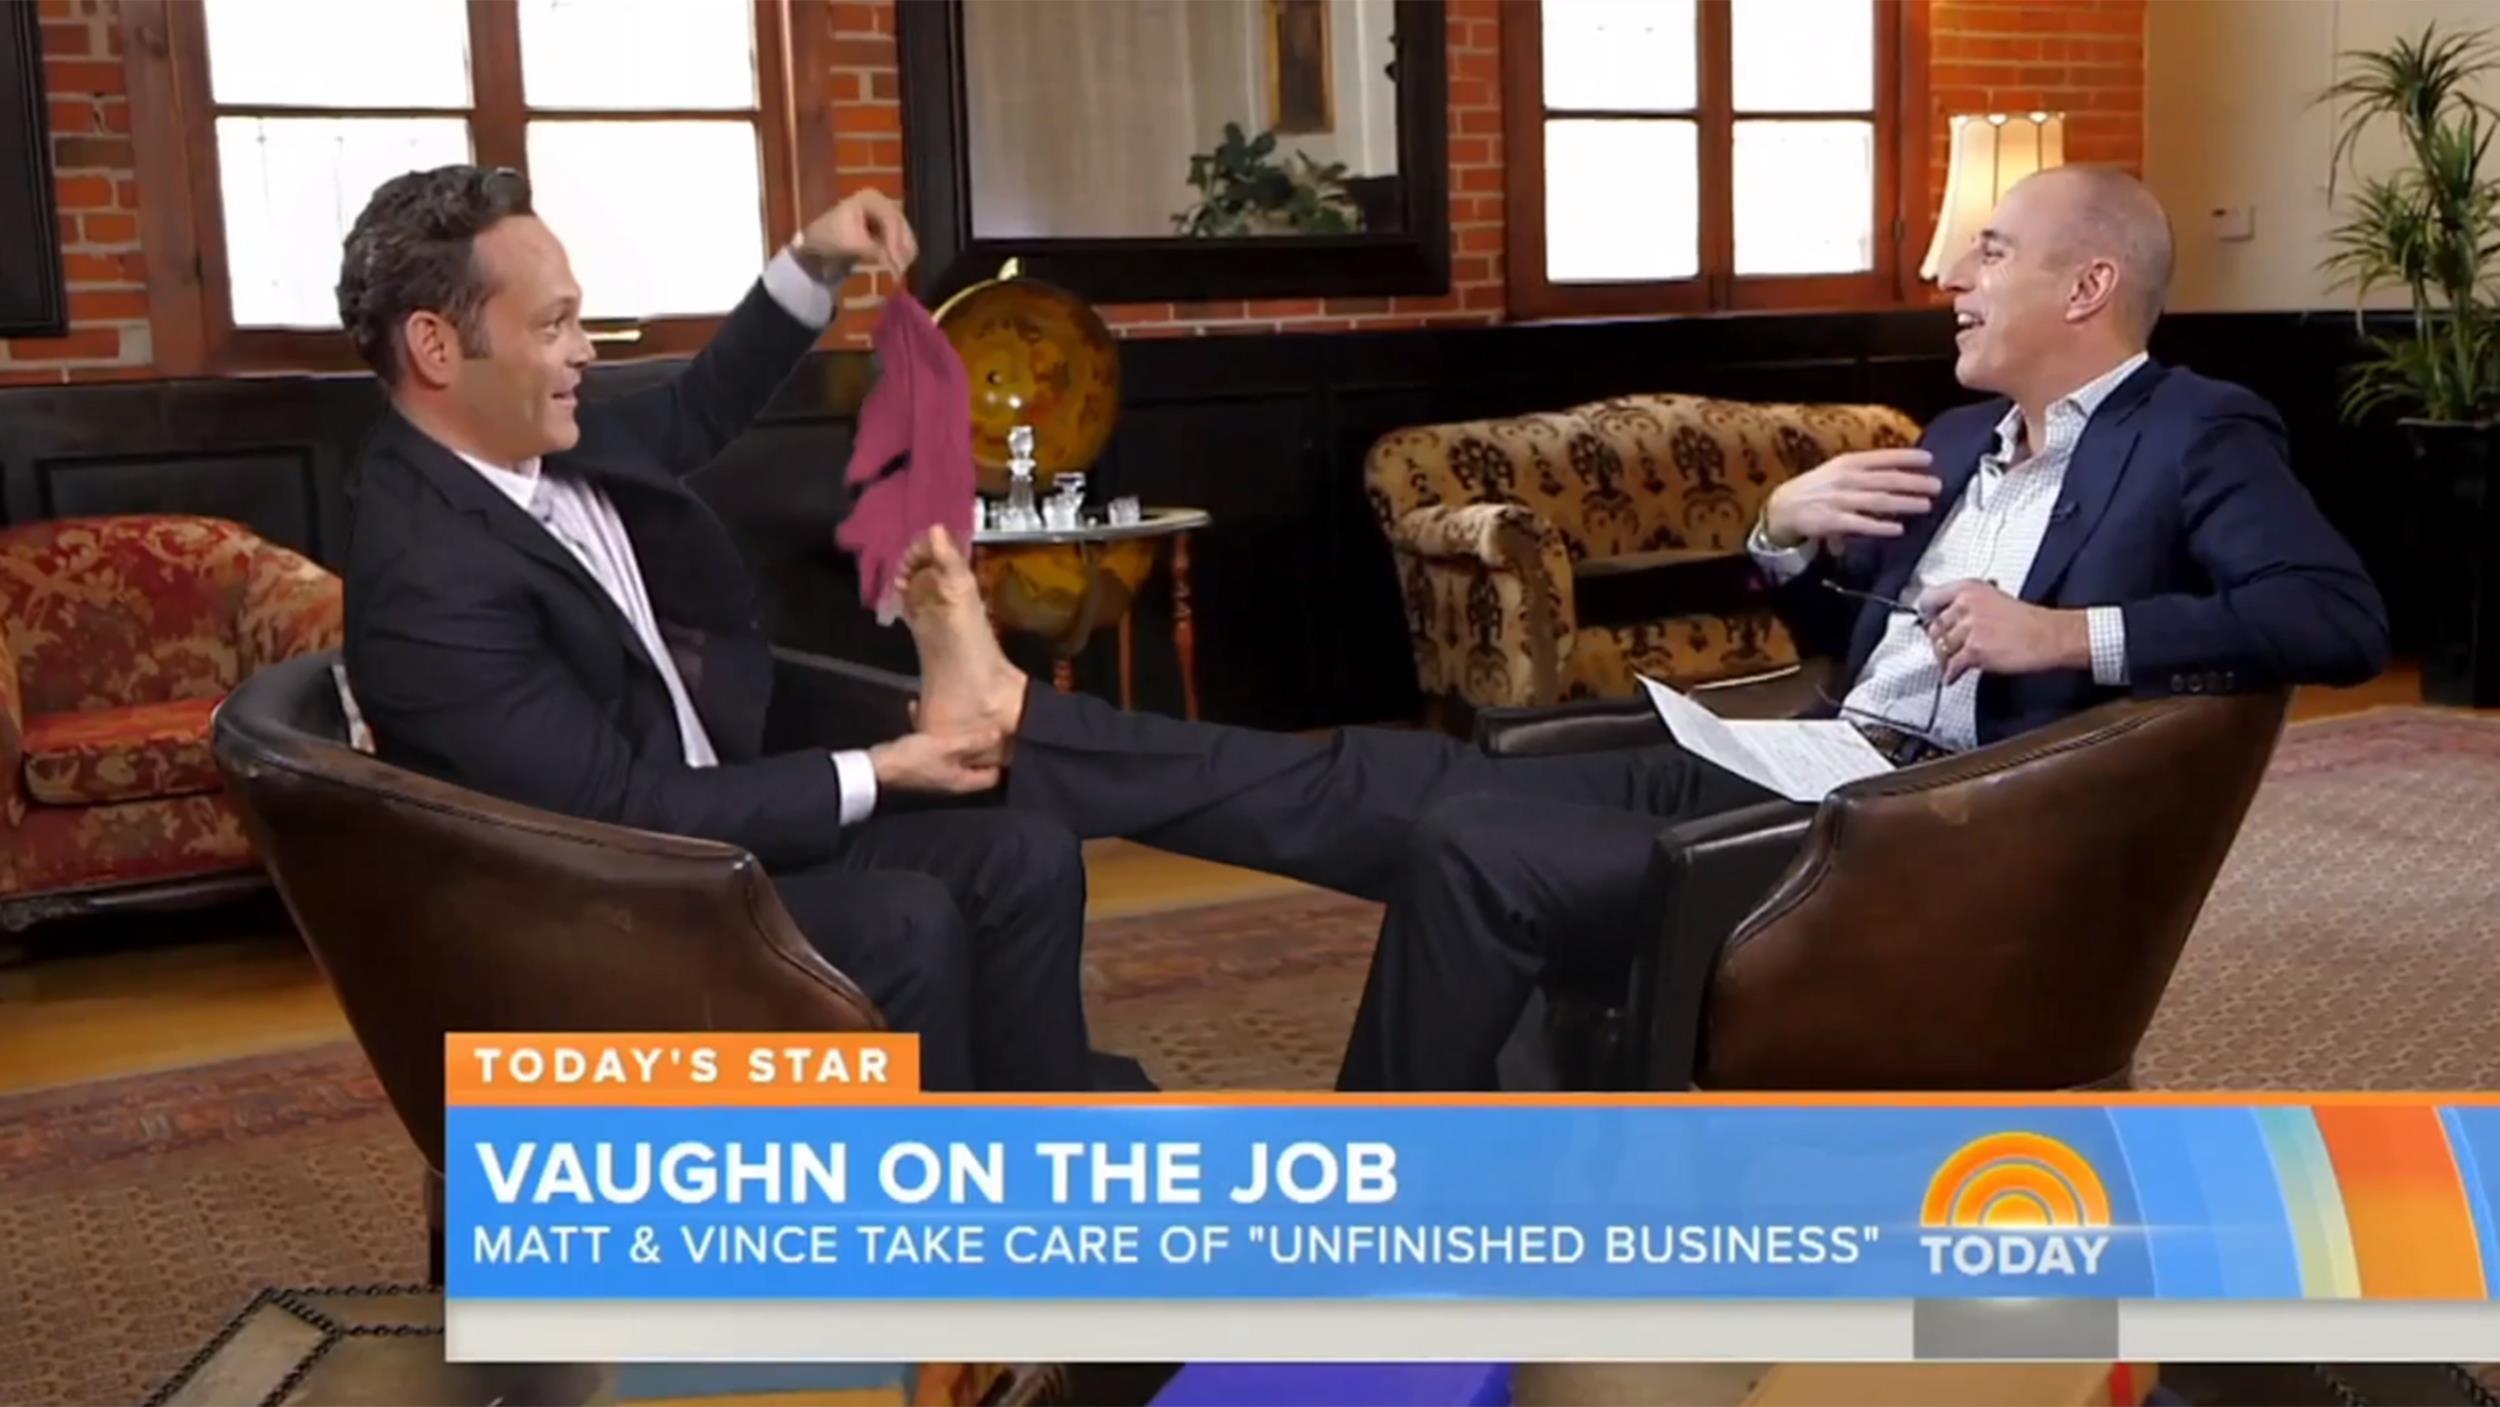 Ellen DeGeneres pranks Matt Lauer before he can get his revenge - TODAY.com